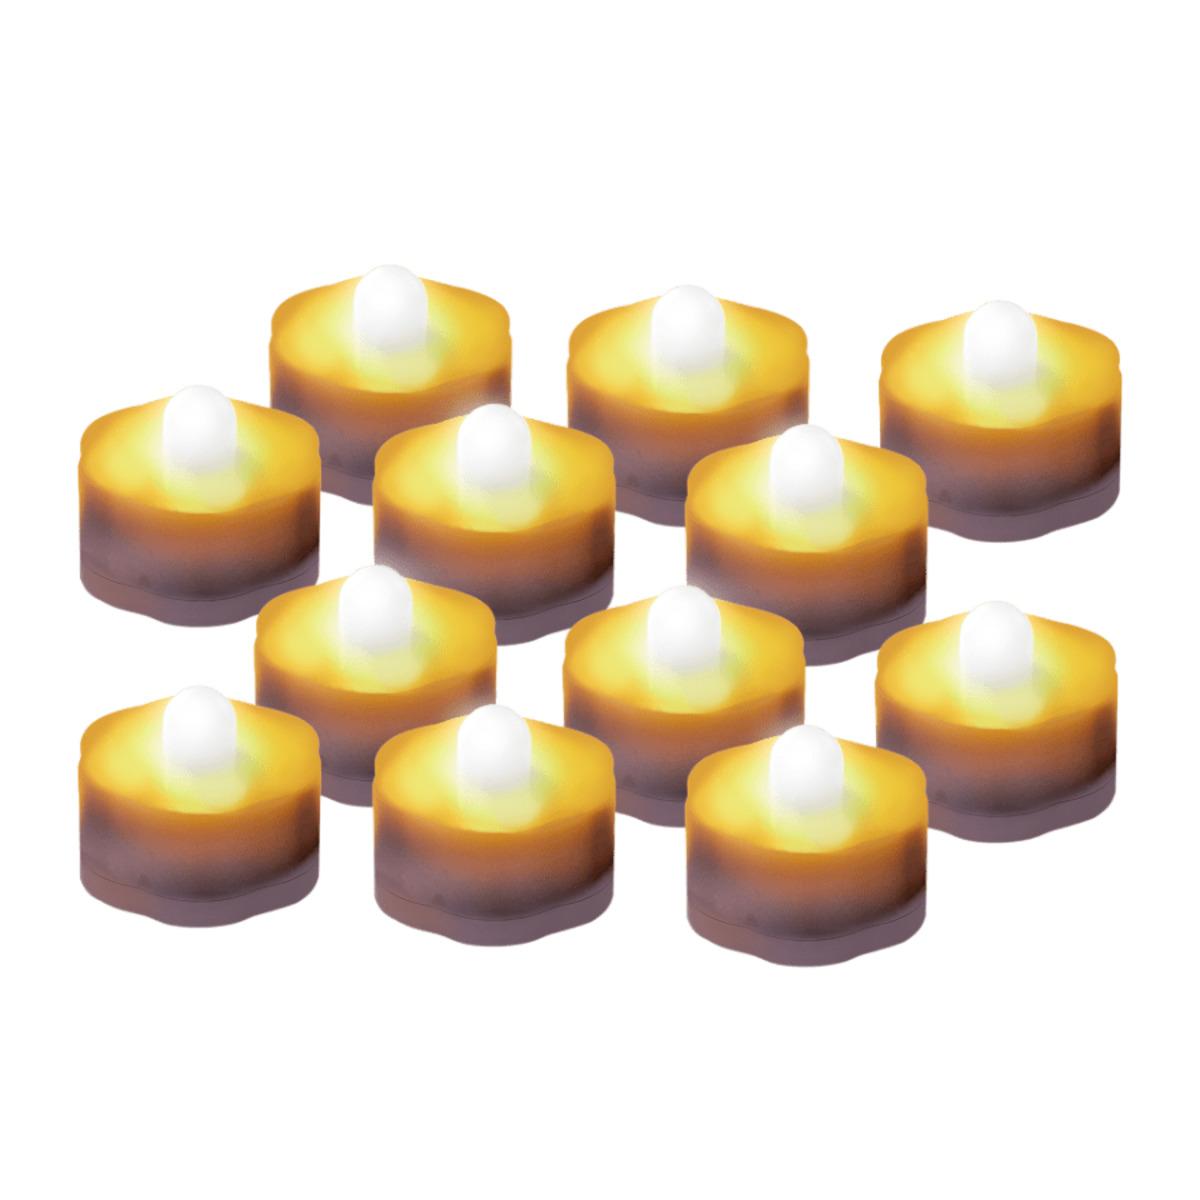 Bild 3 von LIGHTZONE     LED Outdoor Teelichte